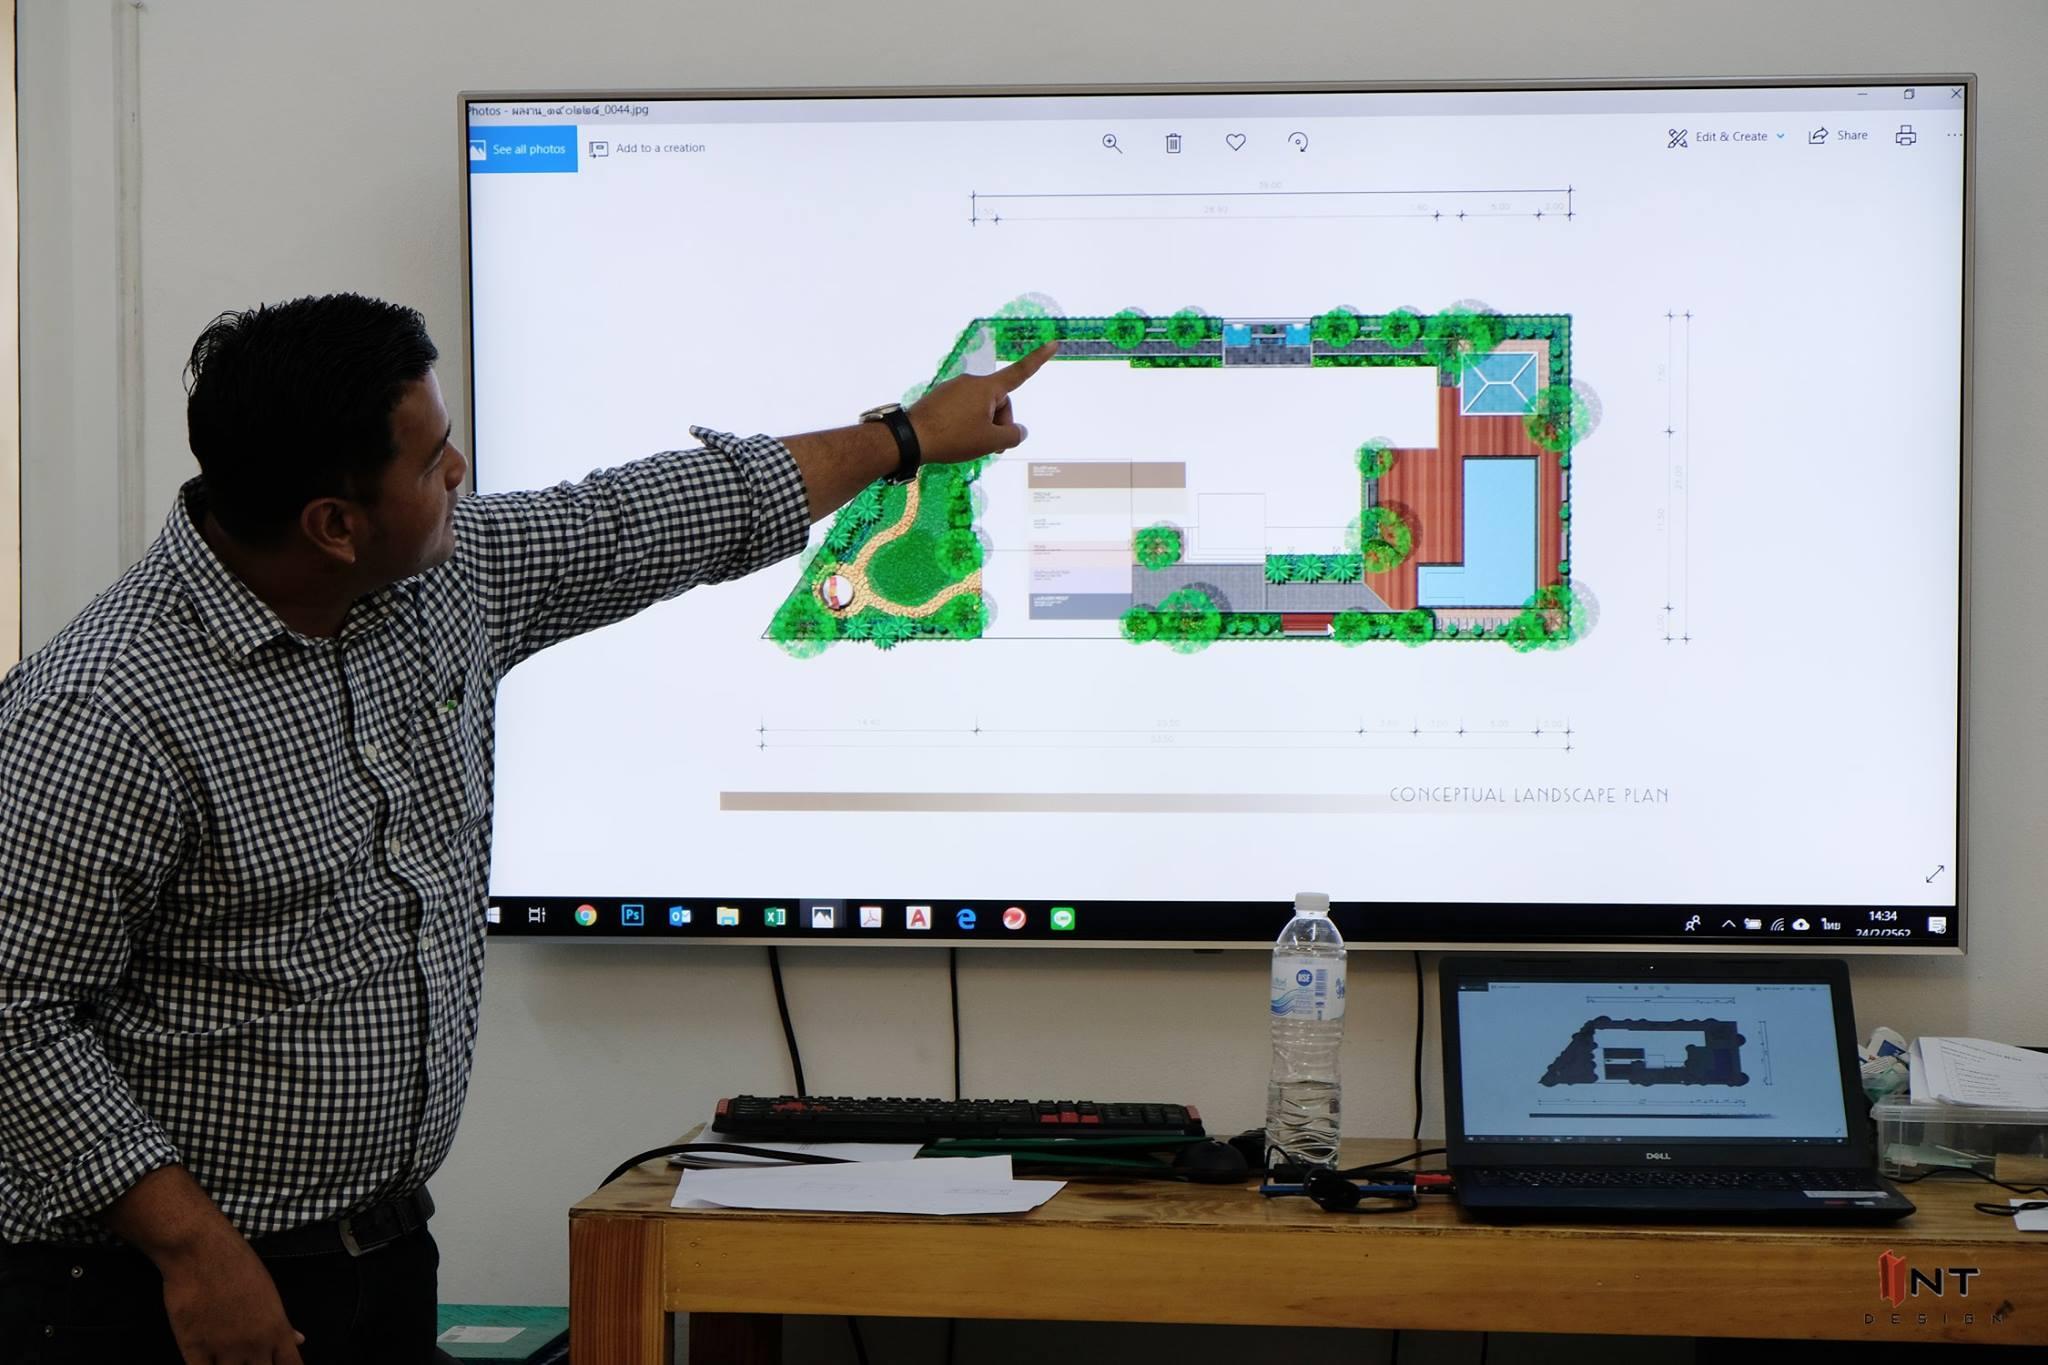 เรียน landscape design-เรียน garden design-ออกแบบภูมิทัศน์-ออกแบบภายนอก-เรียนออกแบบจัดสวน